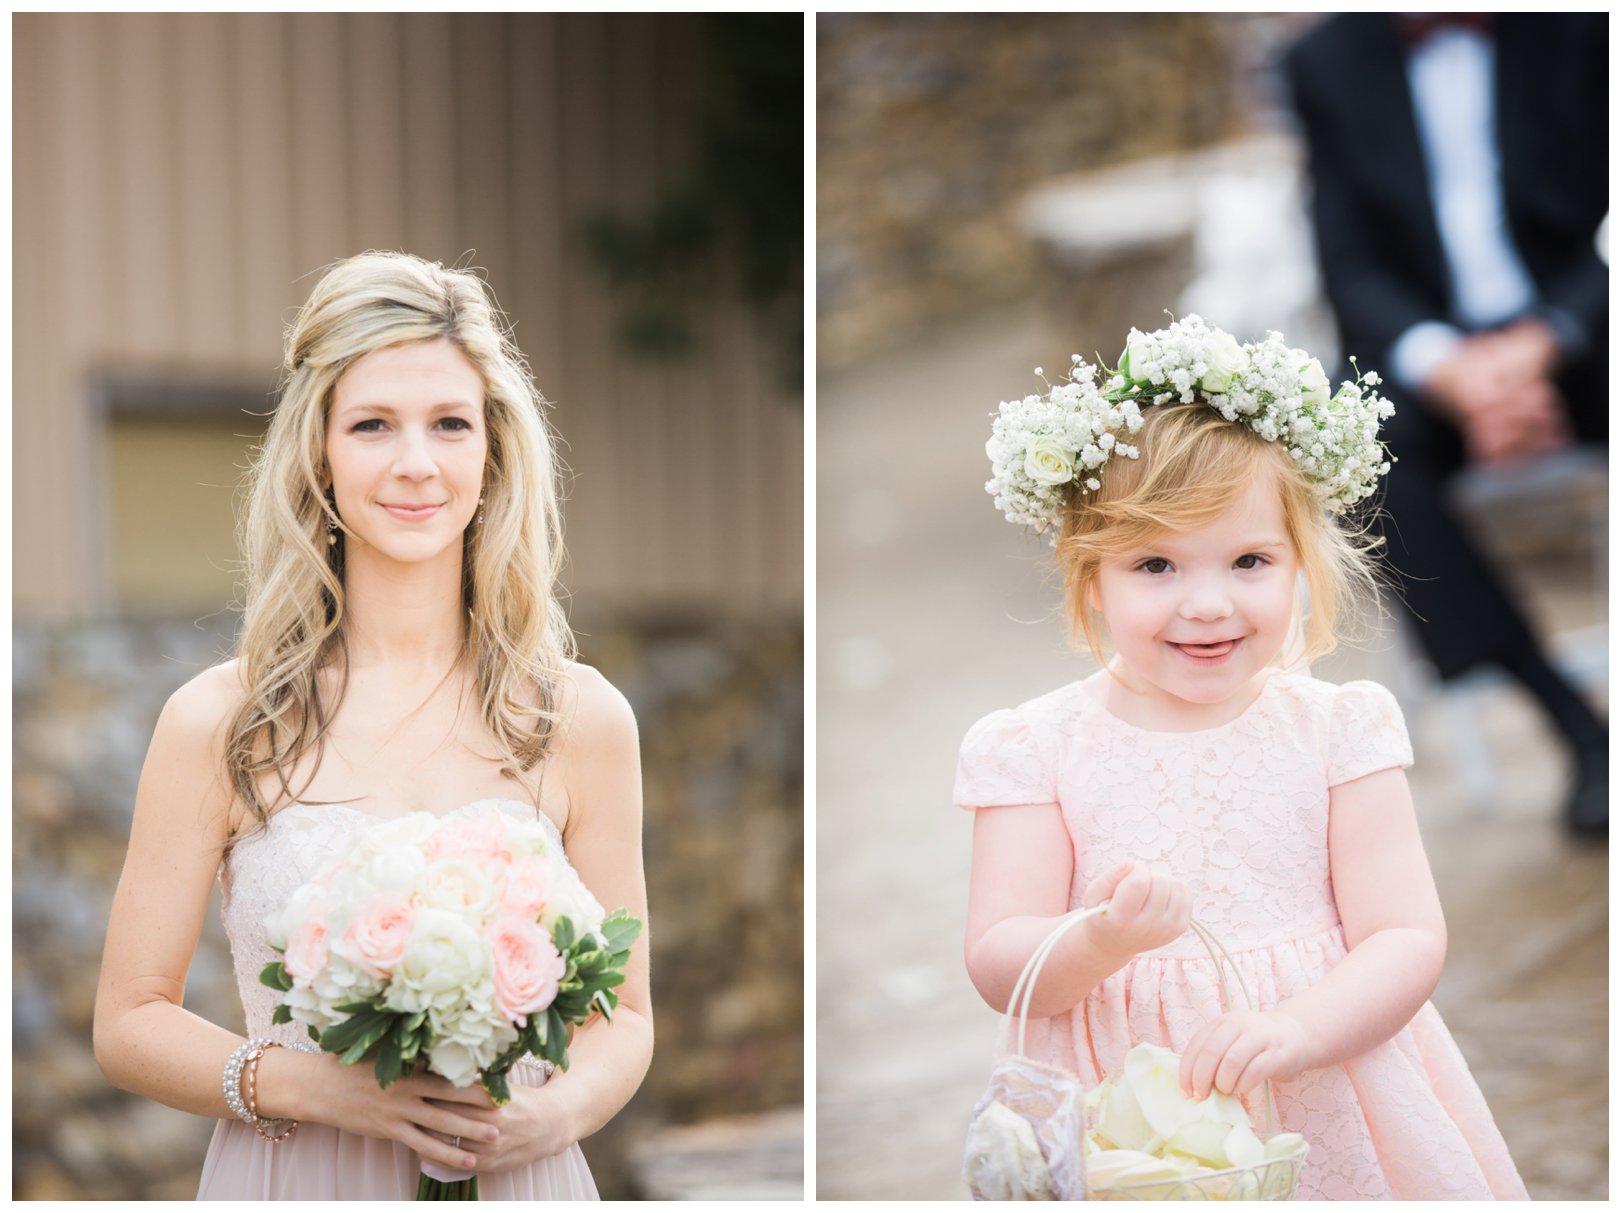 lauren muckler photography_fine art film wedding photography_st louis_photography_0980.jpg